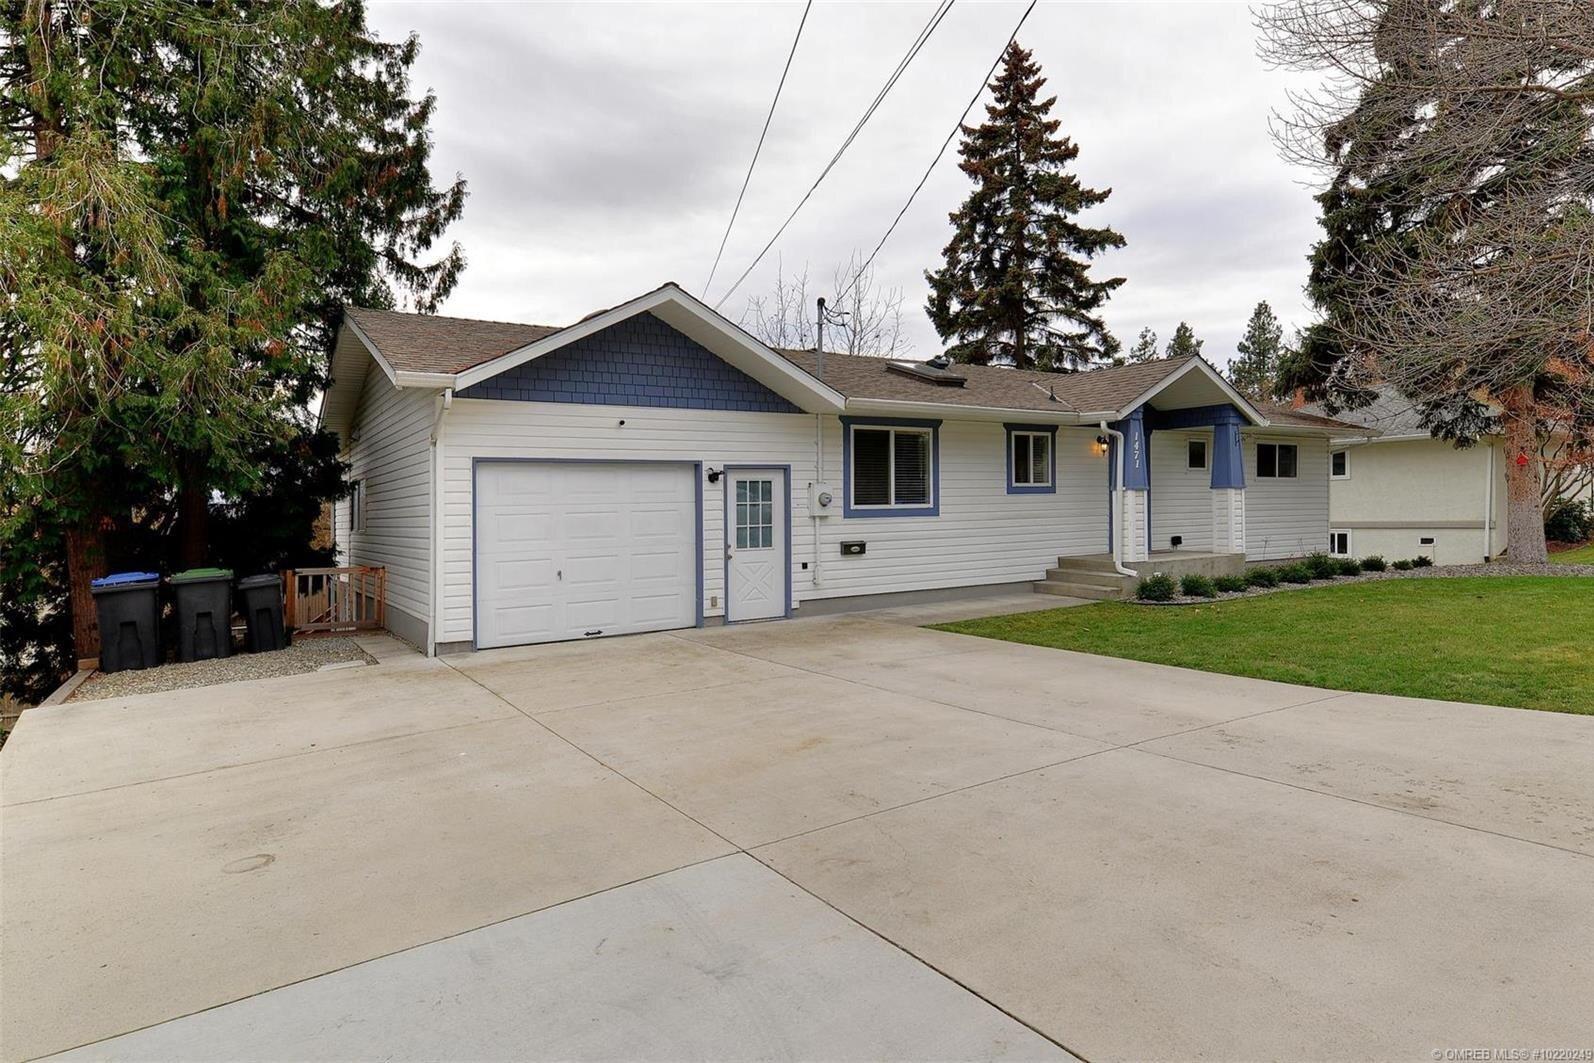 House for sale at 1471 Ayre Ave Kelowna British Columbia - MLS: 10220249